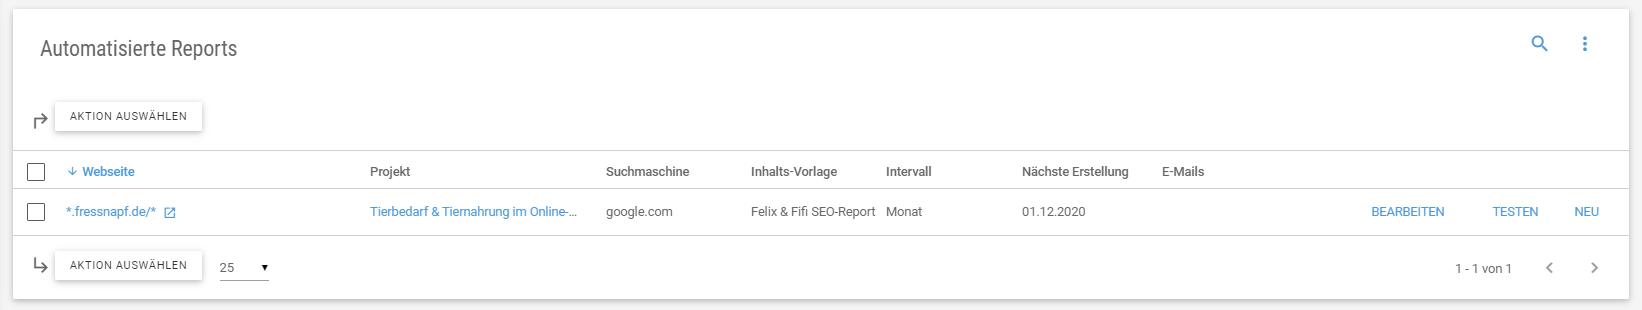 Übersicht aller automatisierten Reports